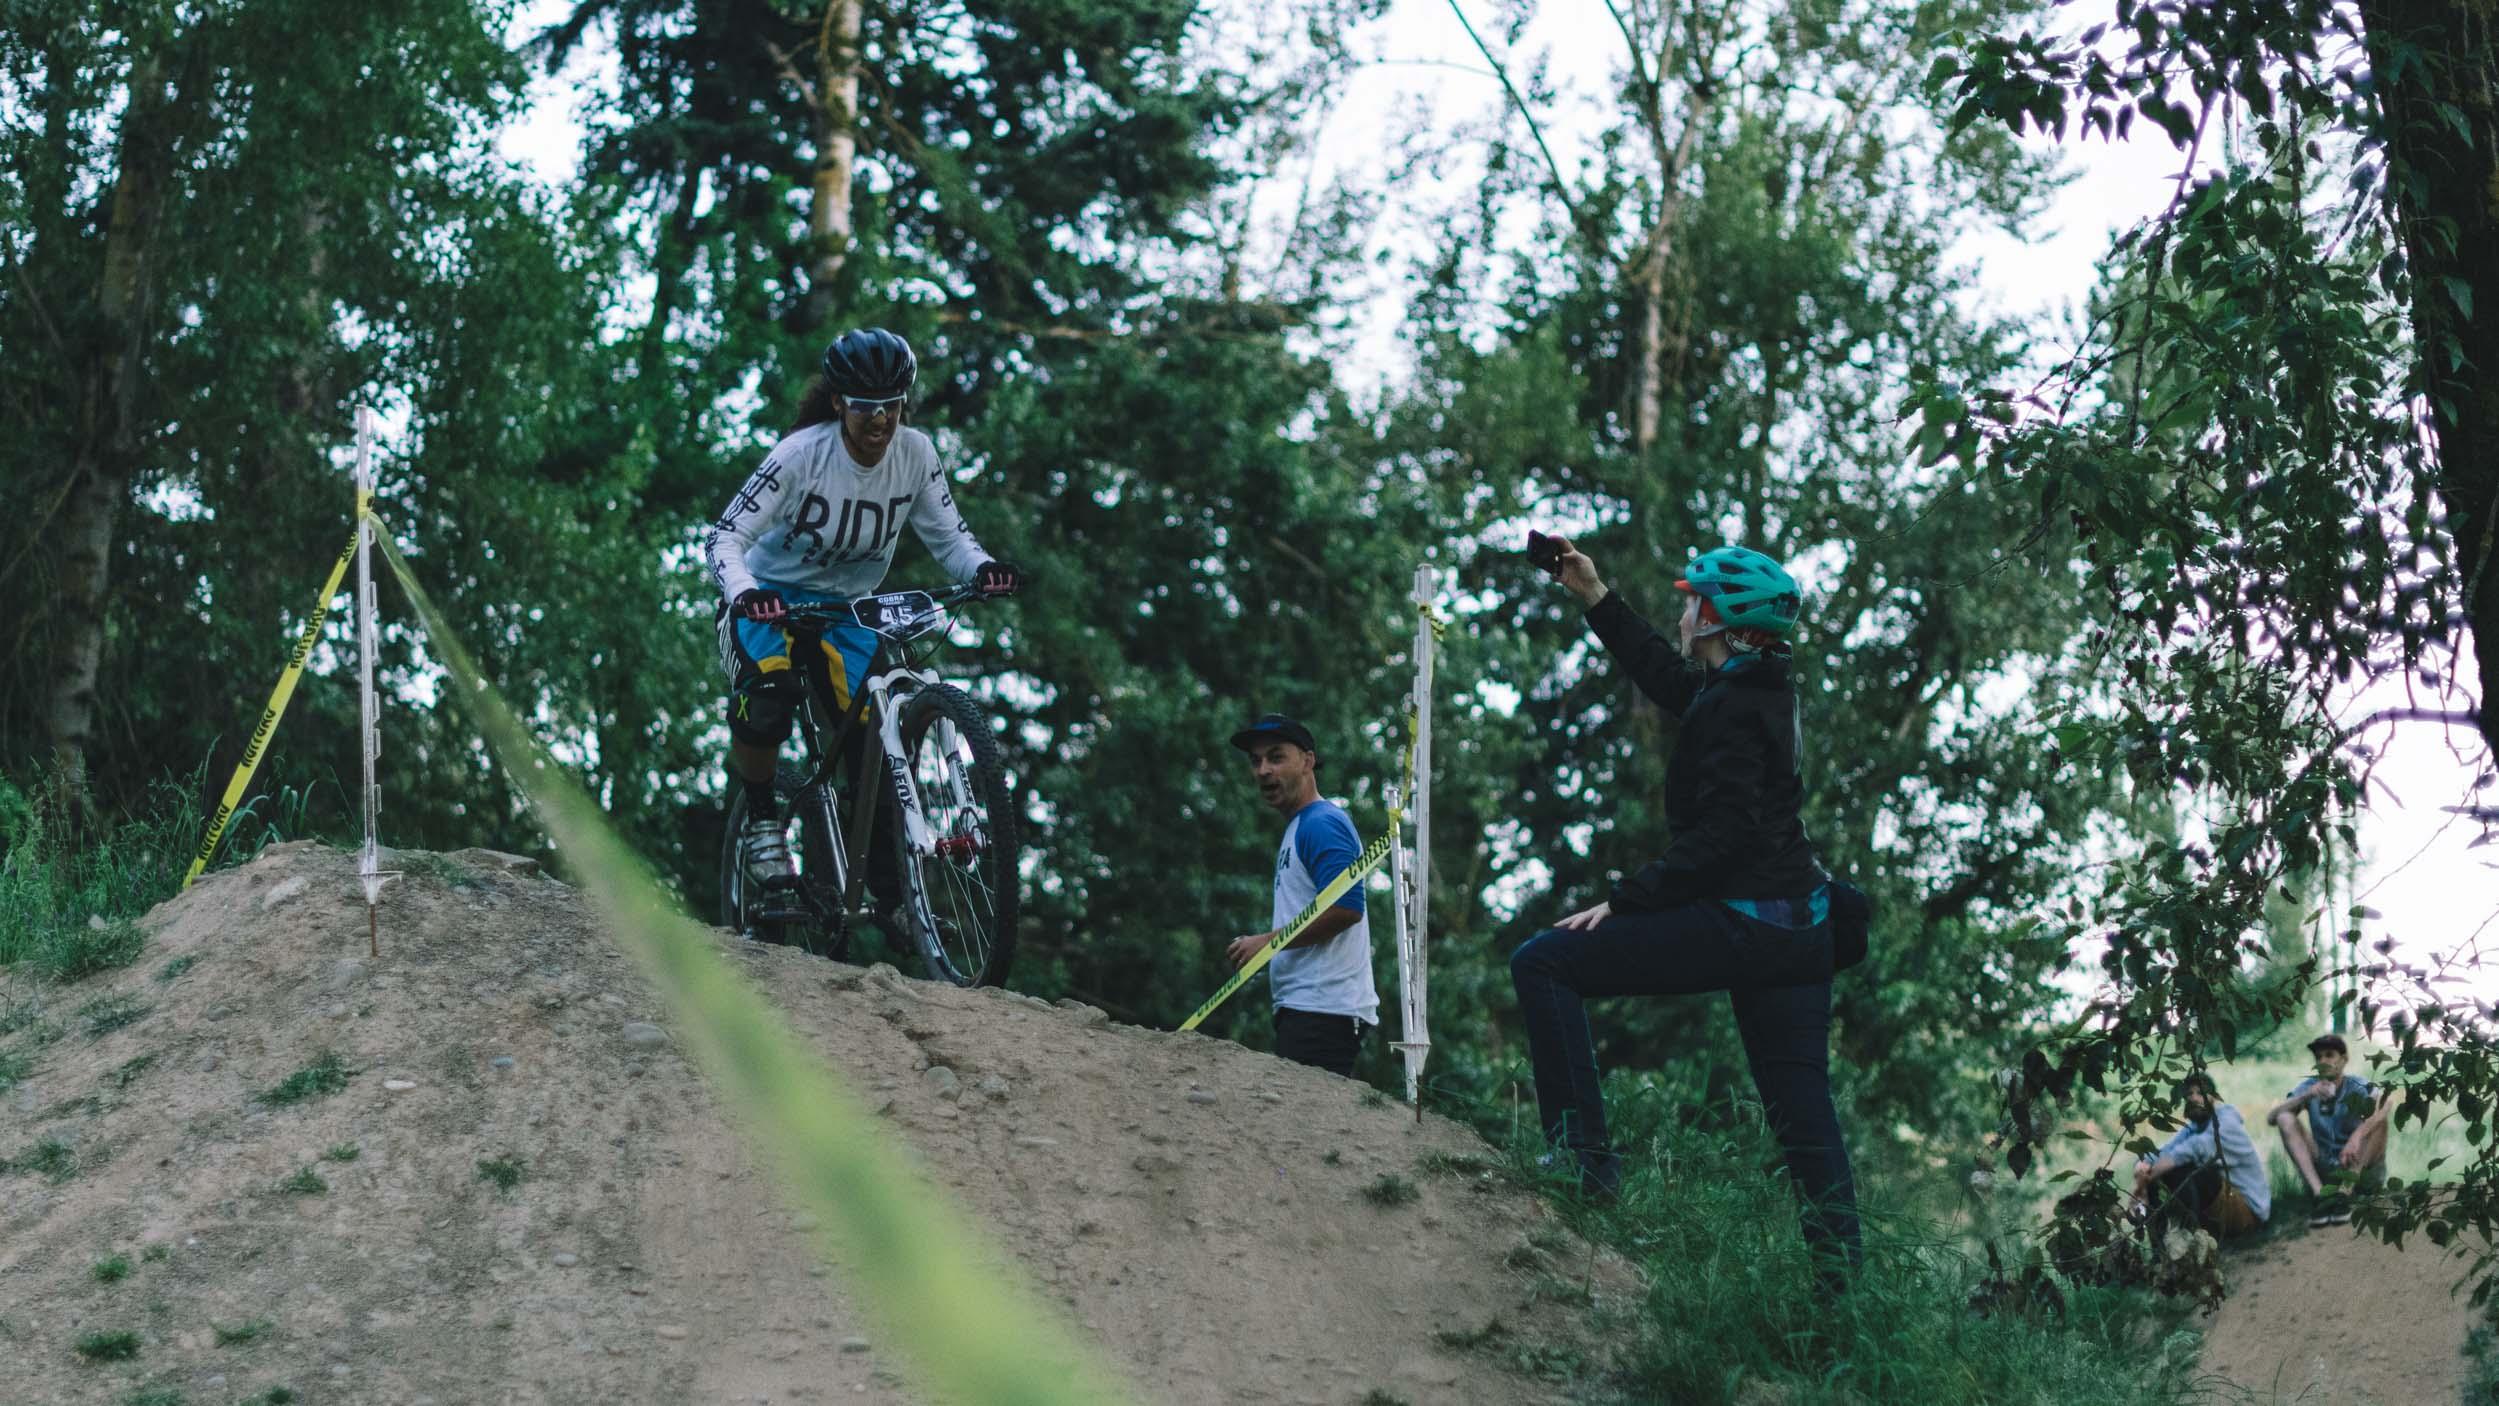 COBRA_Racing_Gateway_Miguel_Race_37.jpg